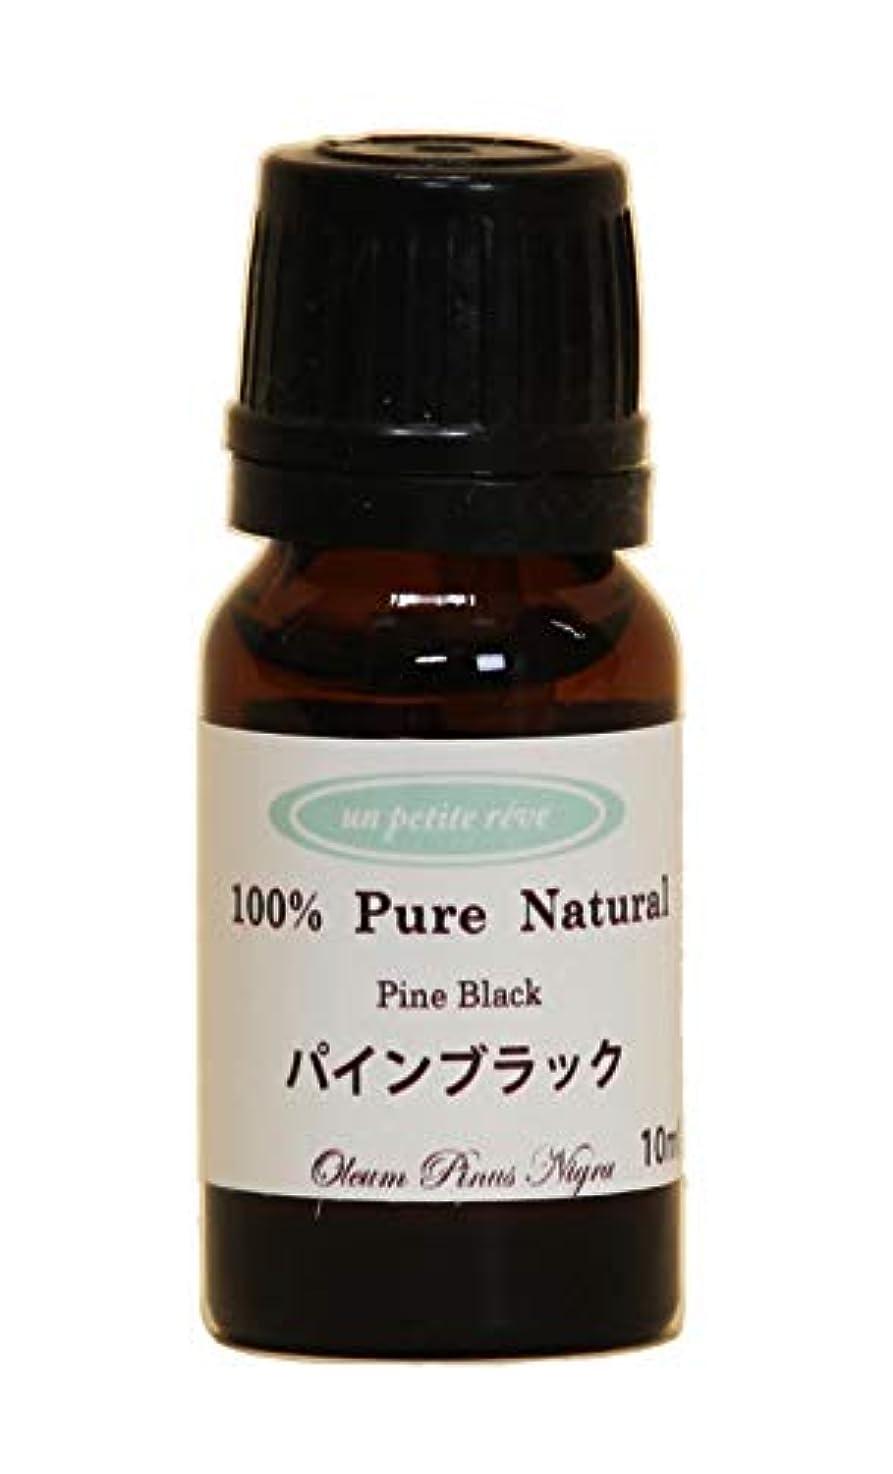 ぬれたばかアスリートパインブラック 10ml 100%天然アロマエッセンシャルオイル(精油)